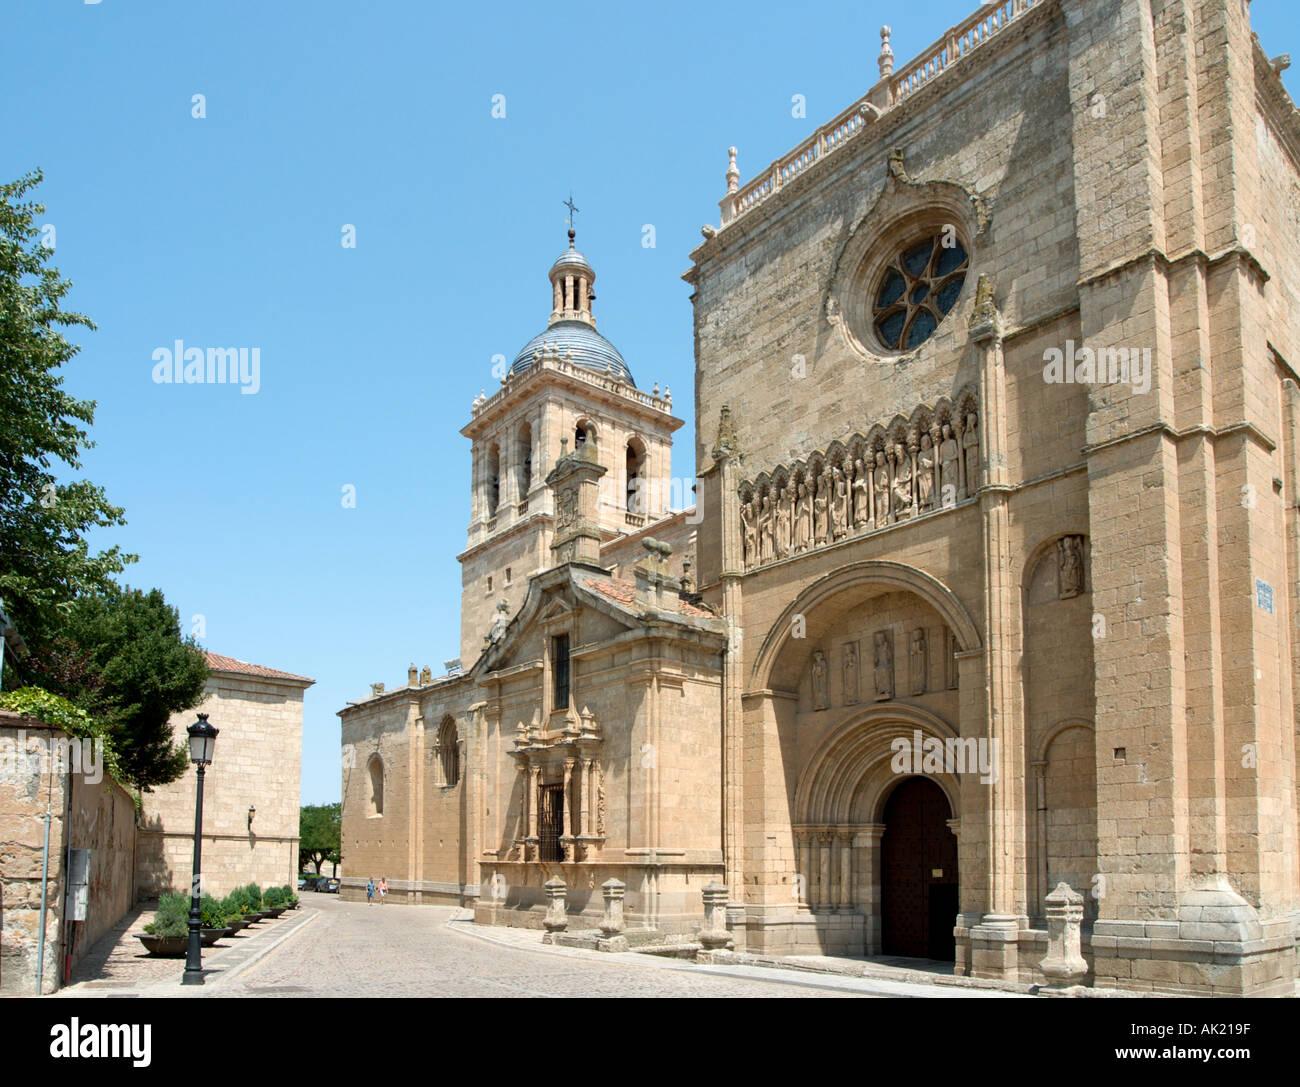 Cathedral, Ciudad Rodrigo, Castilla y Leon, Spain - Stock Image